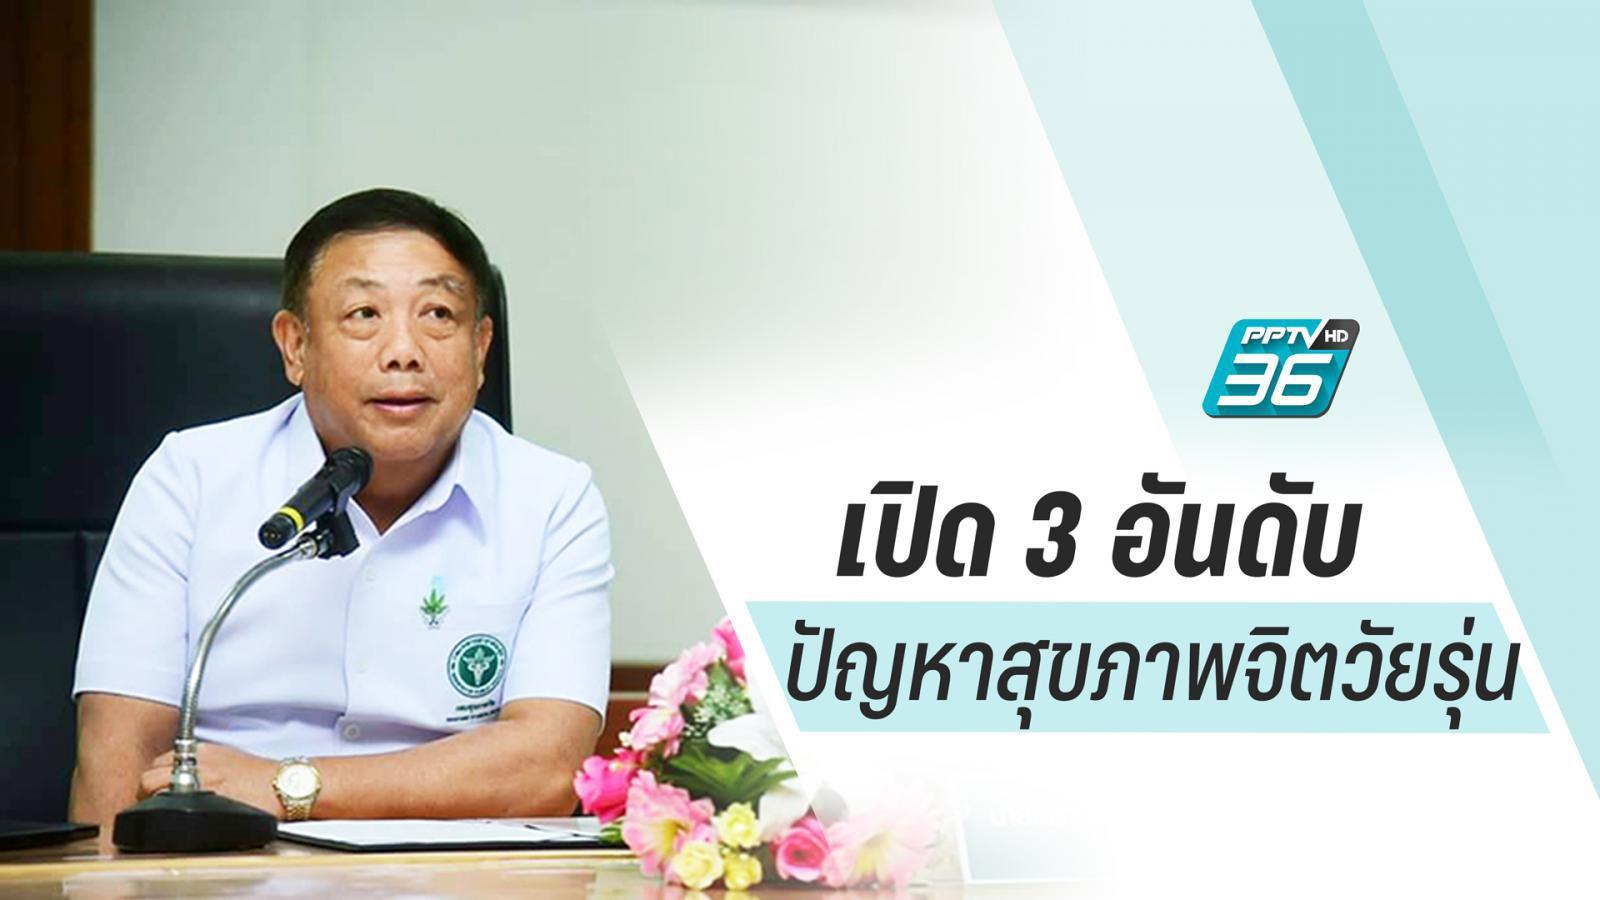 """เปิด ' 3 อันดับ' ปัญหาสุขภาพจิต """"วัยรุ่นไทย"""" พบเครียดสูงสุด!"""